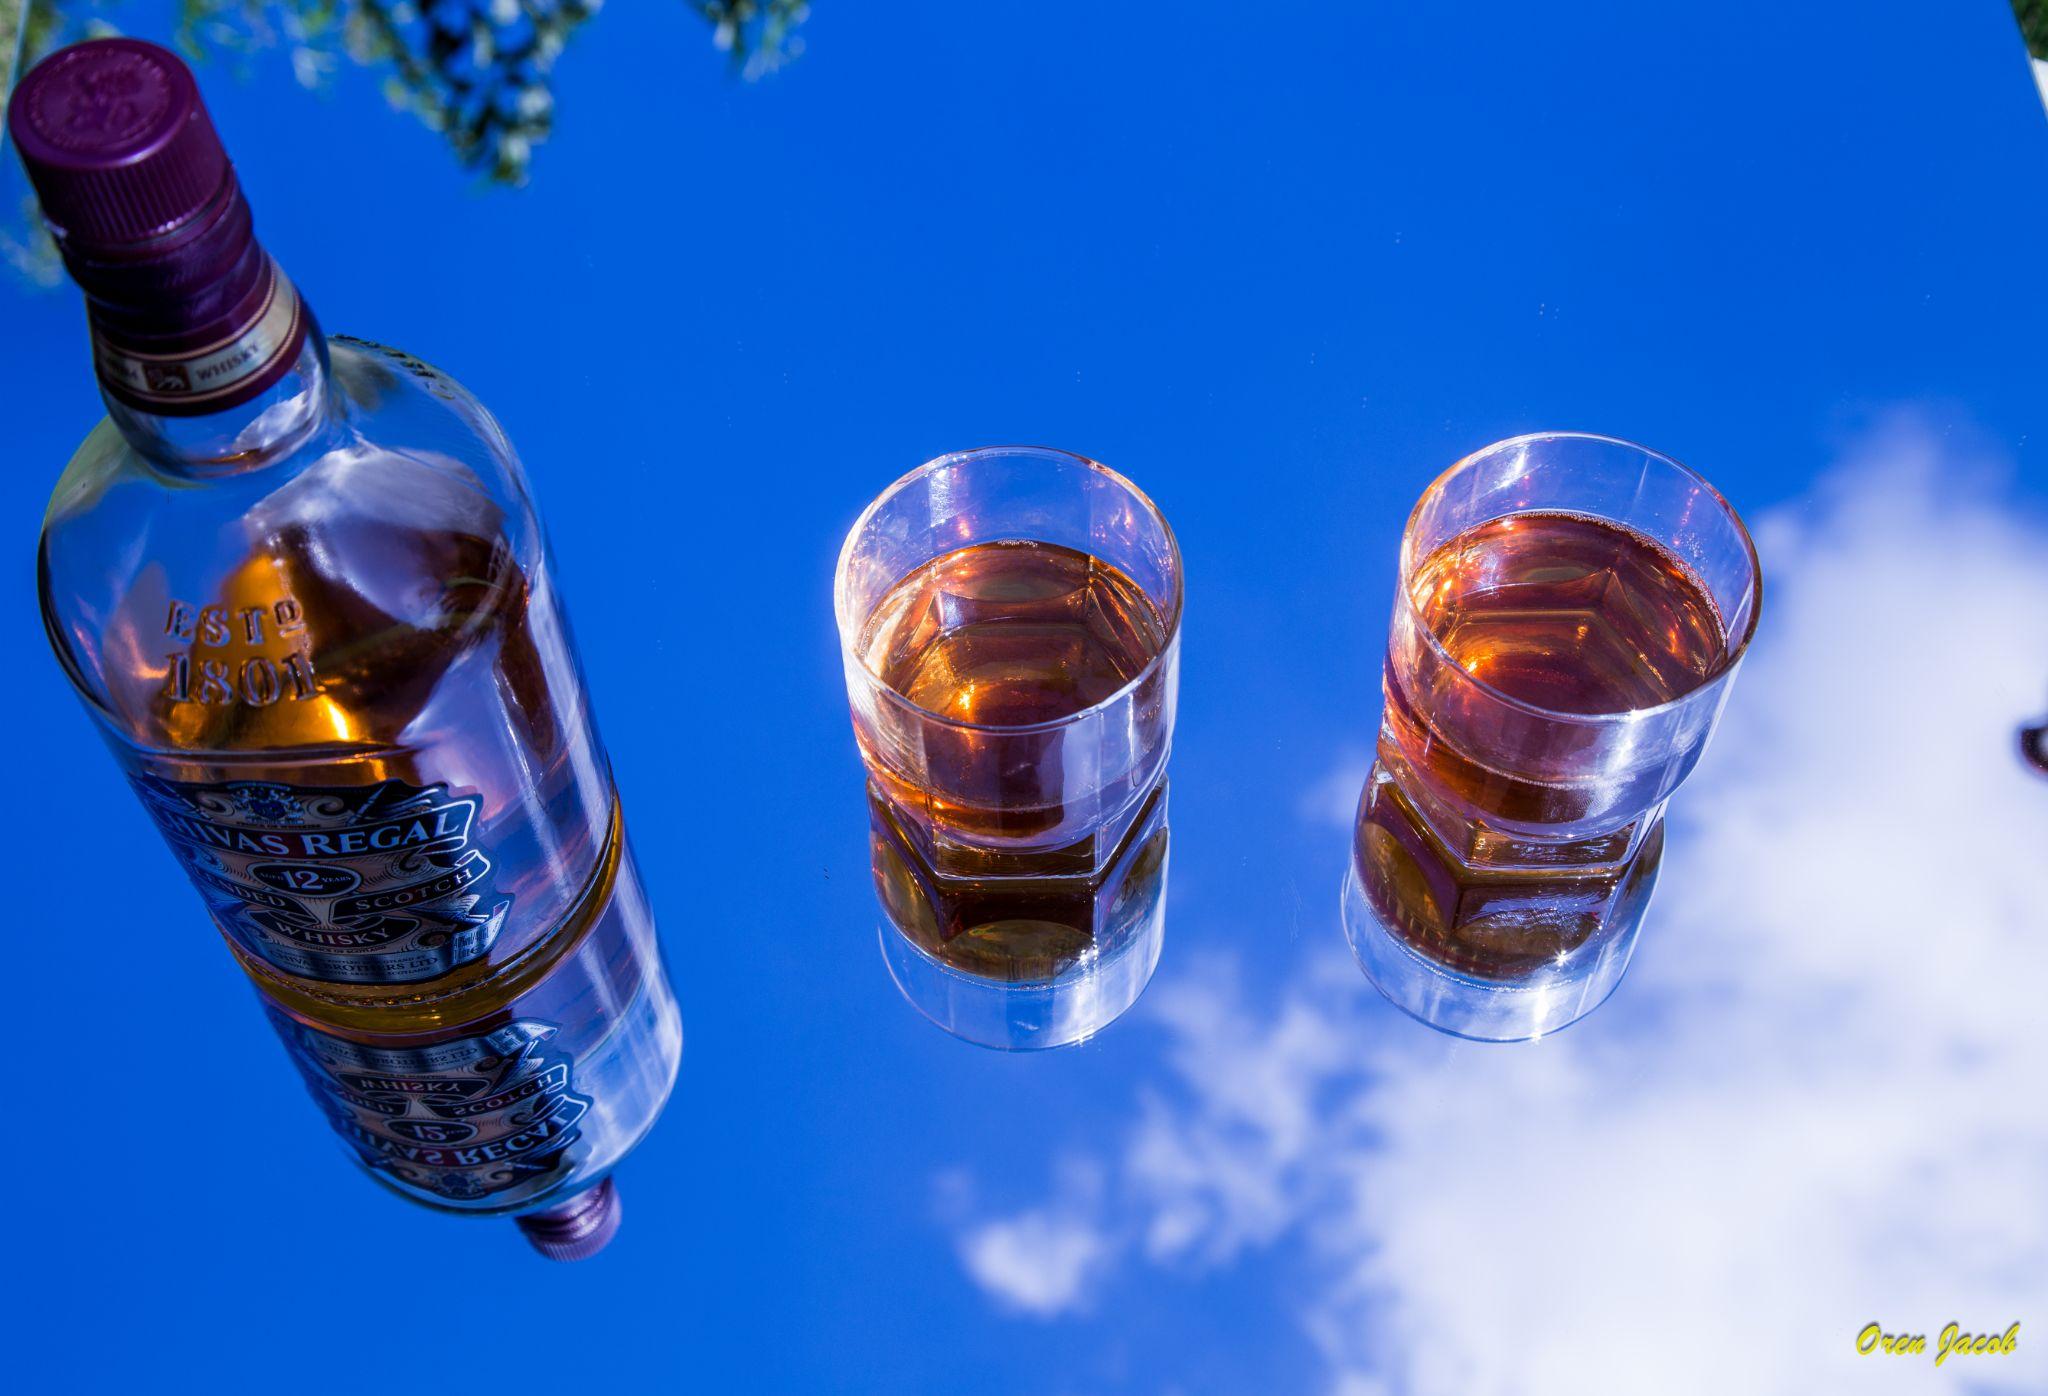 Chivas - Cheers! by oren.yacob